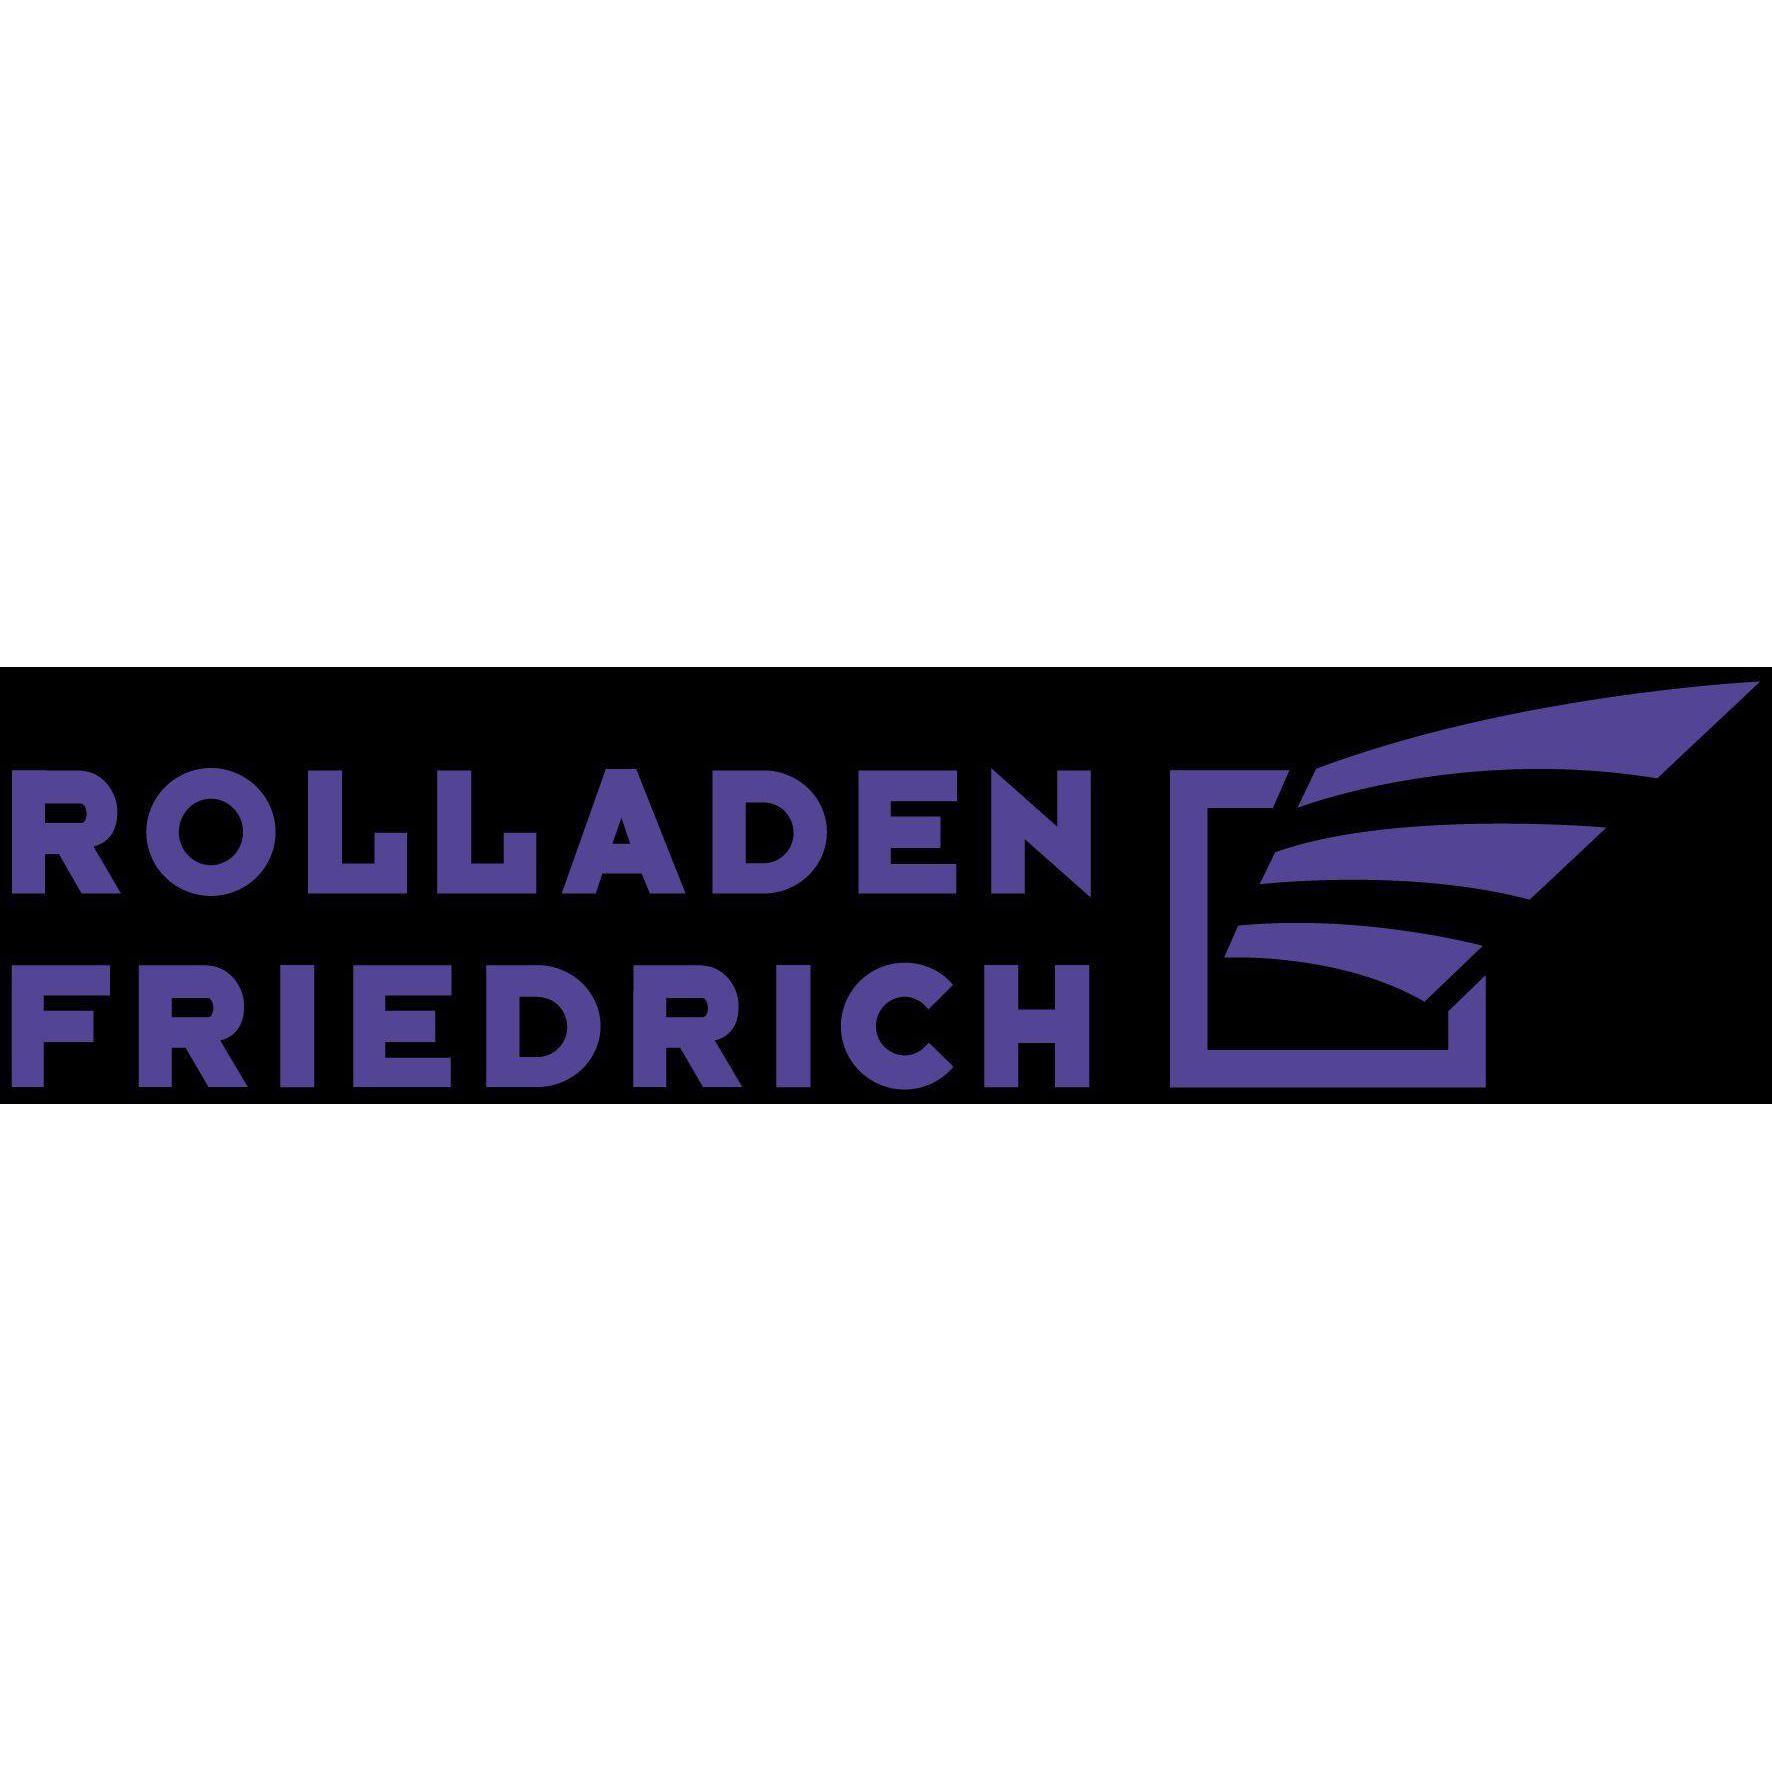 Rolladen Friedrich GmbH